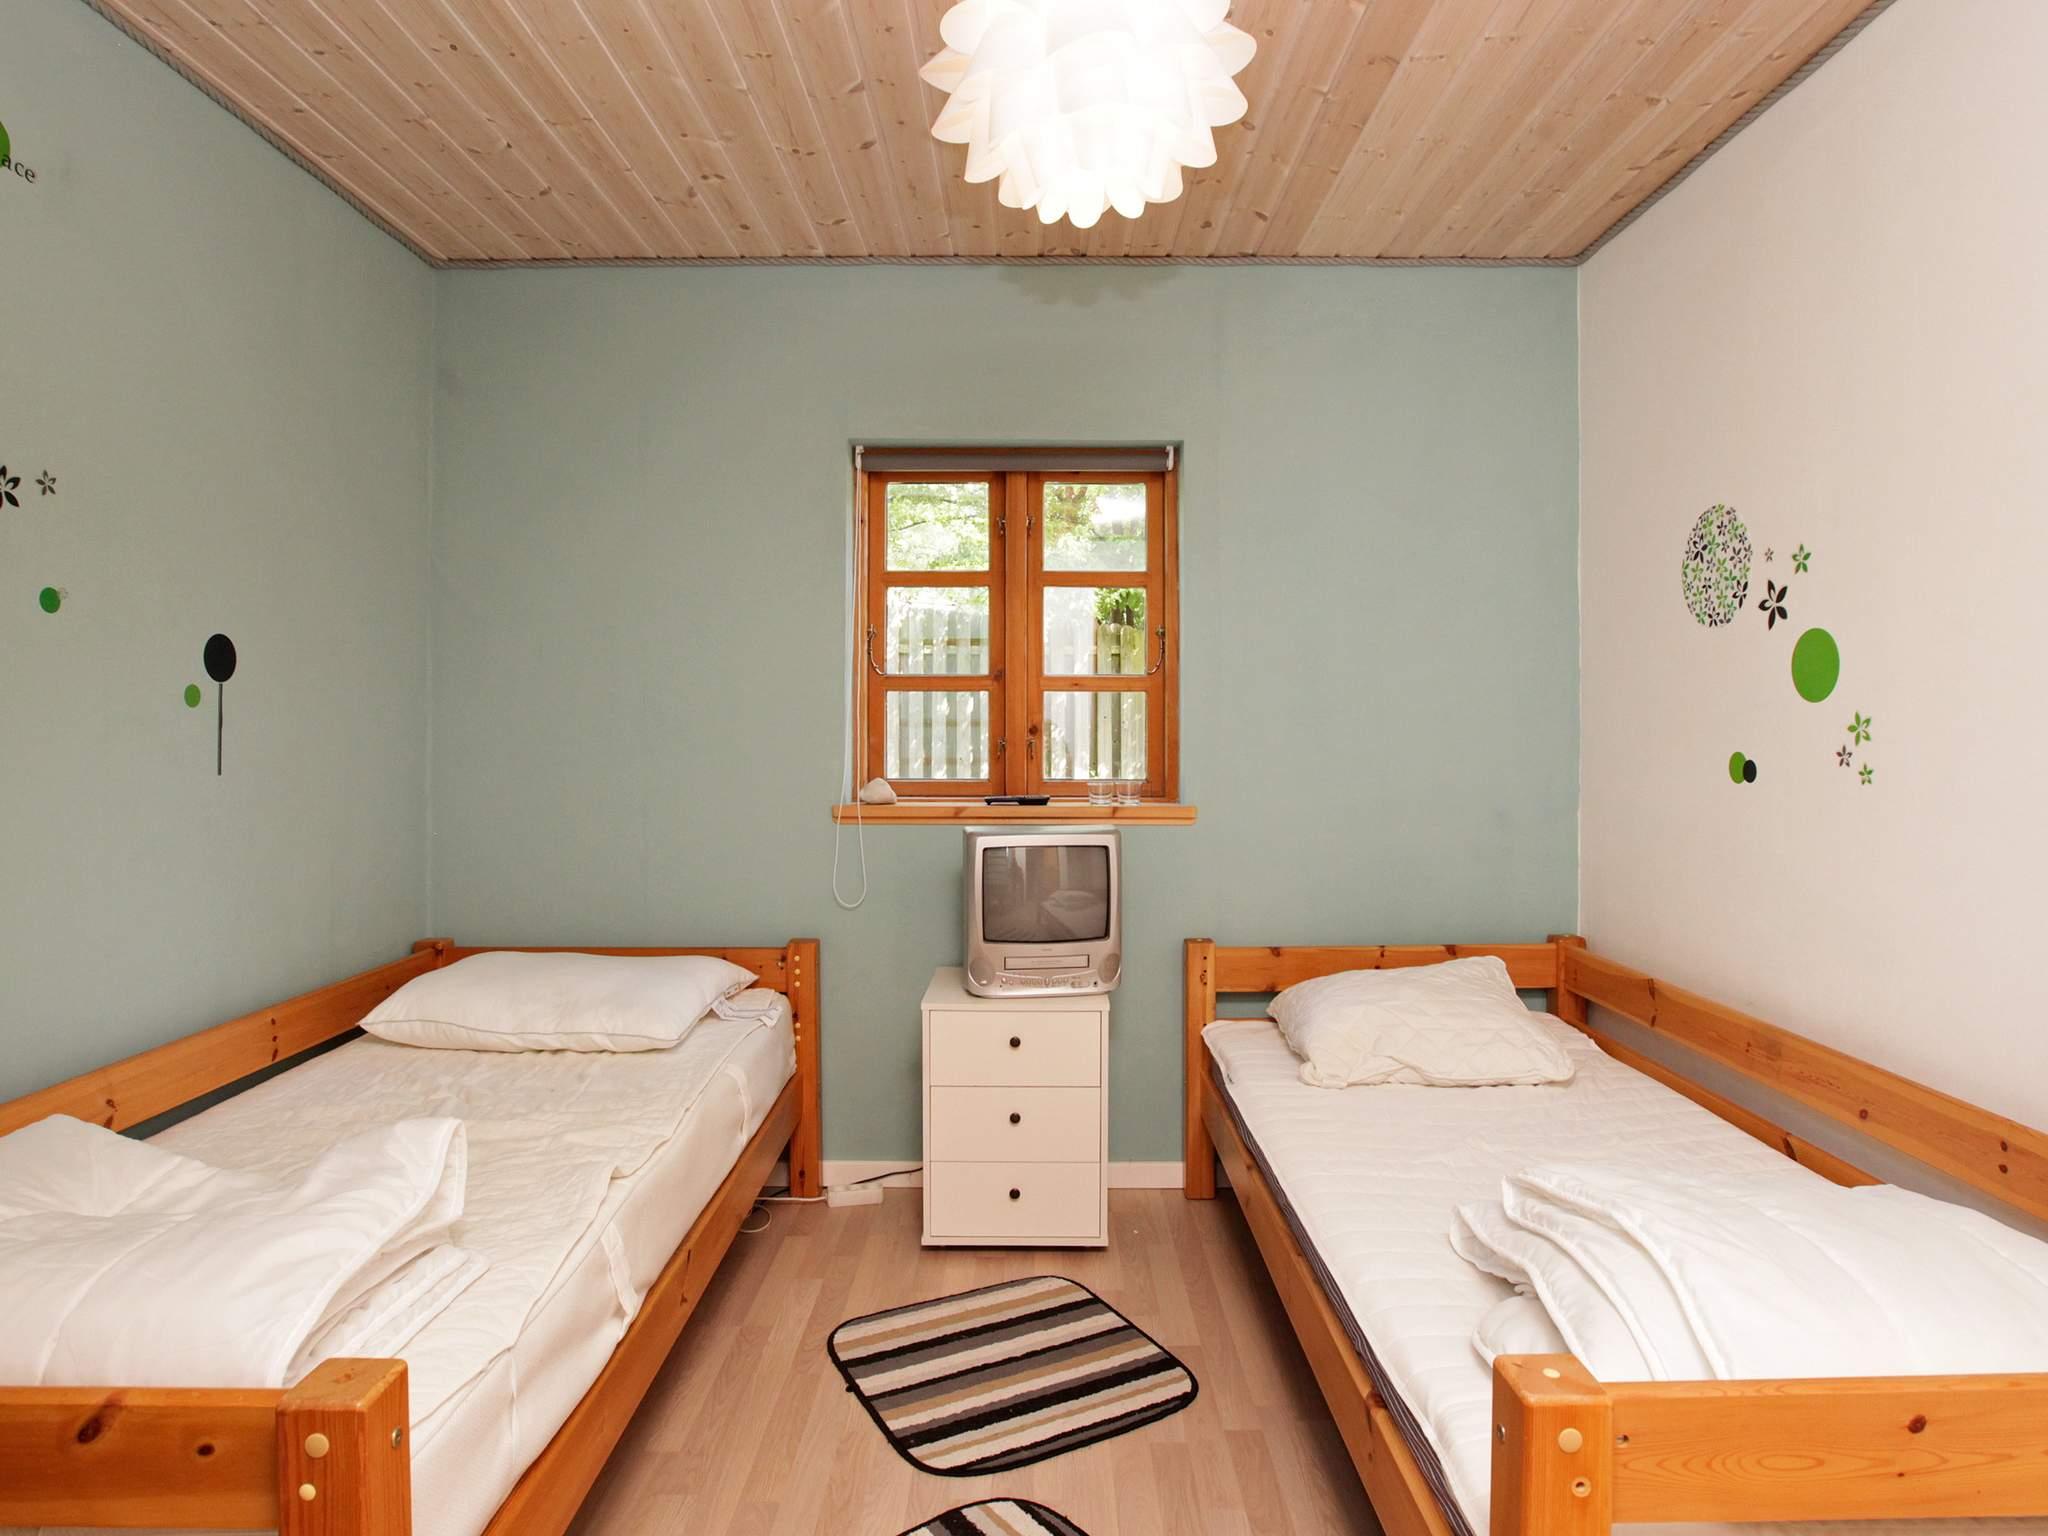 Ferienhaus Kulhuse (2413706), Kulhuse, , Nordseeland, Dänemark, Bild 10